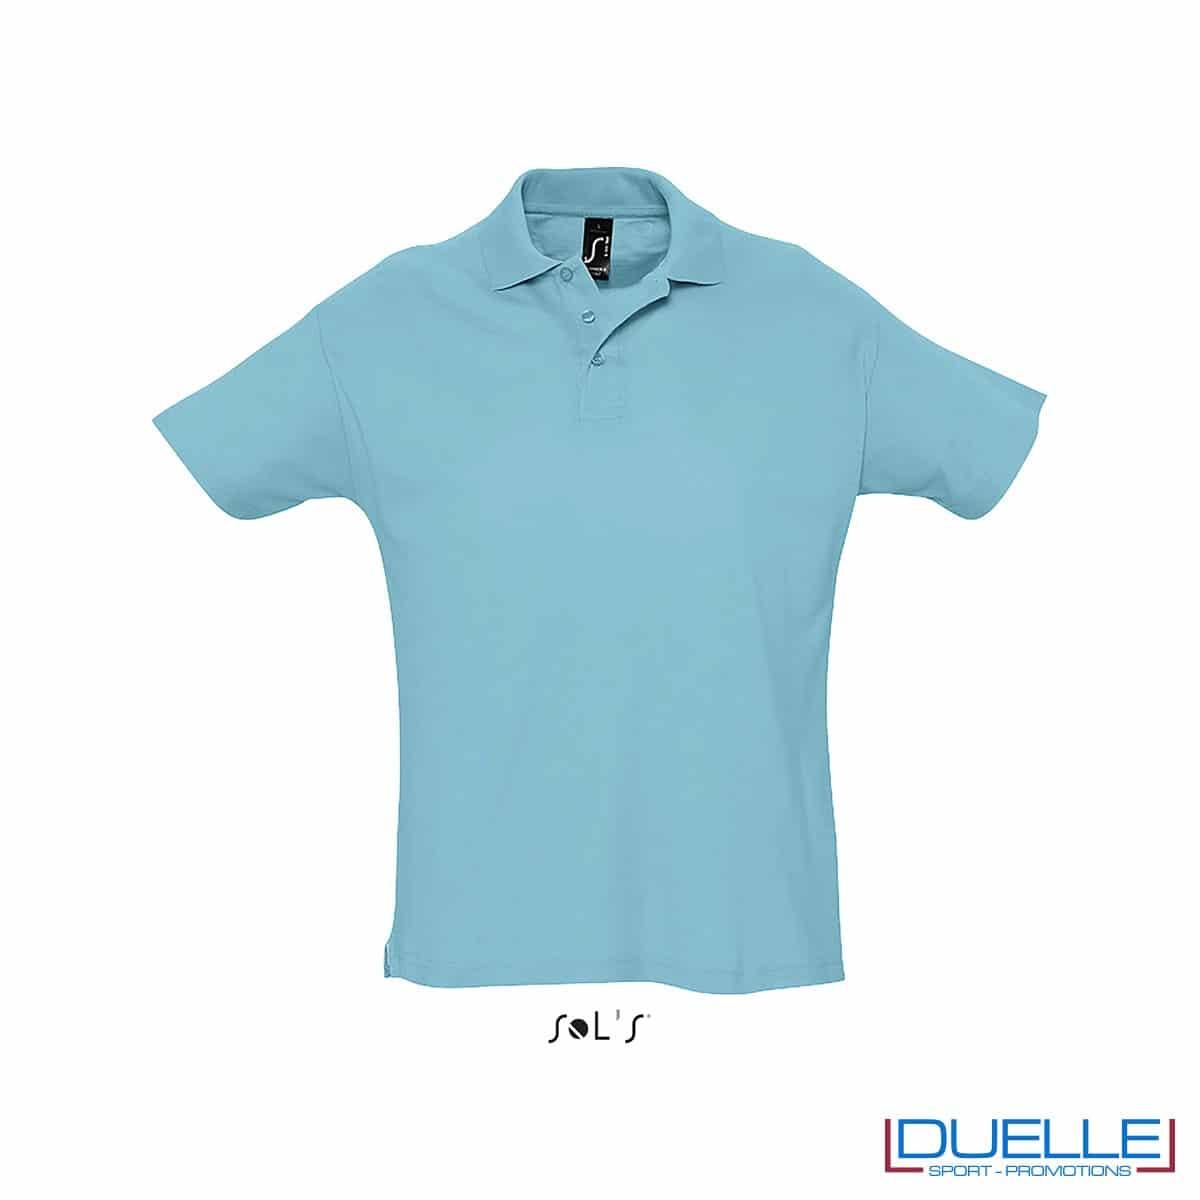 polo personalizzata colore blu atollo, polo piquet personalizzata